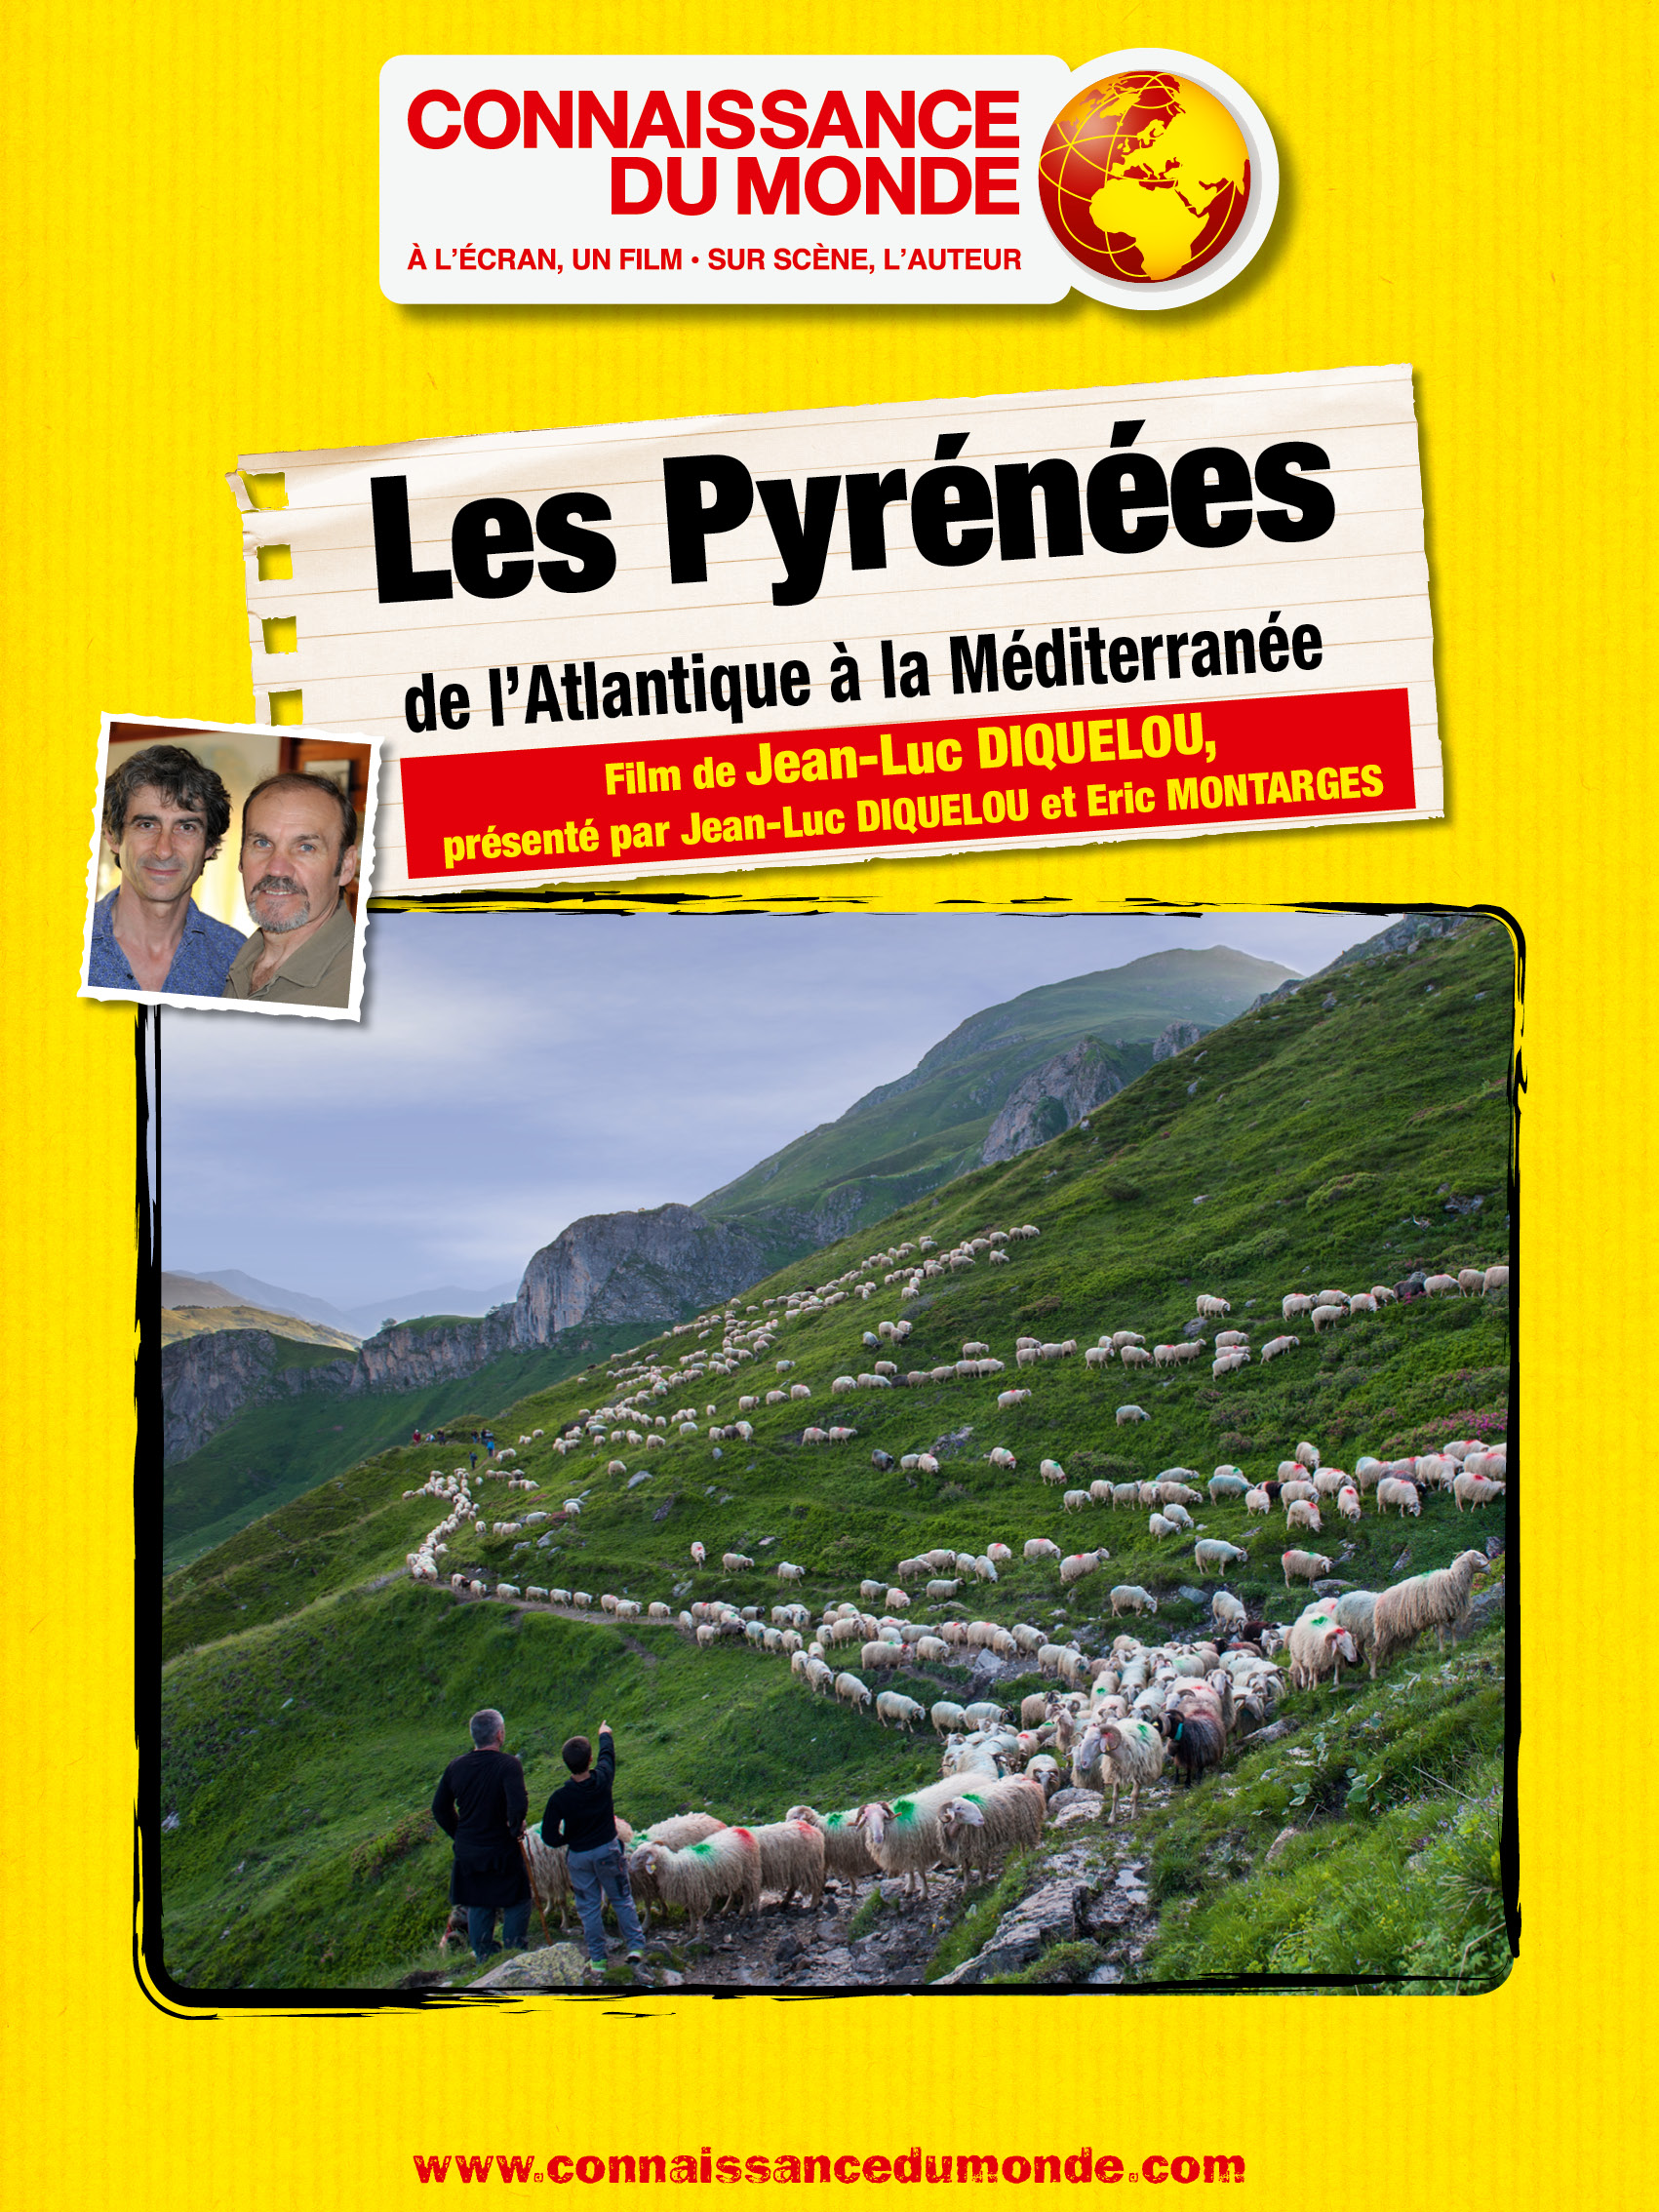 Les Pyrénées, De l'Atlantique à la Méditerranée